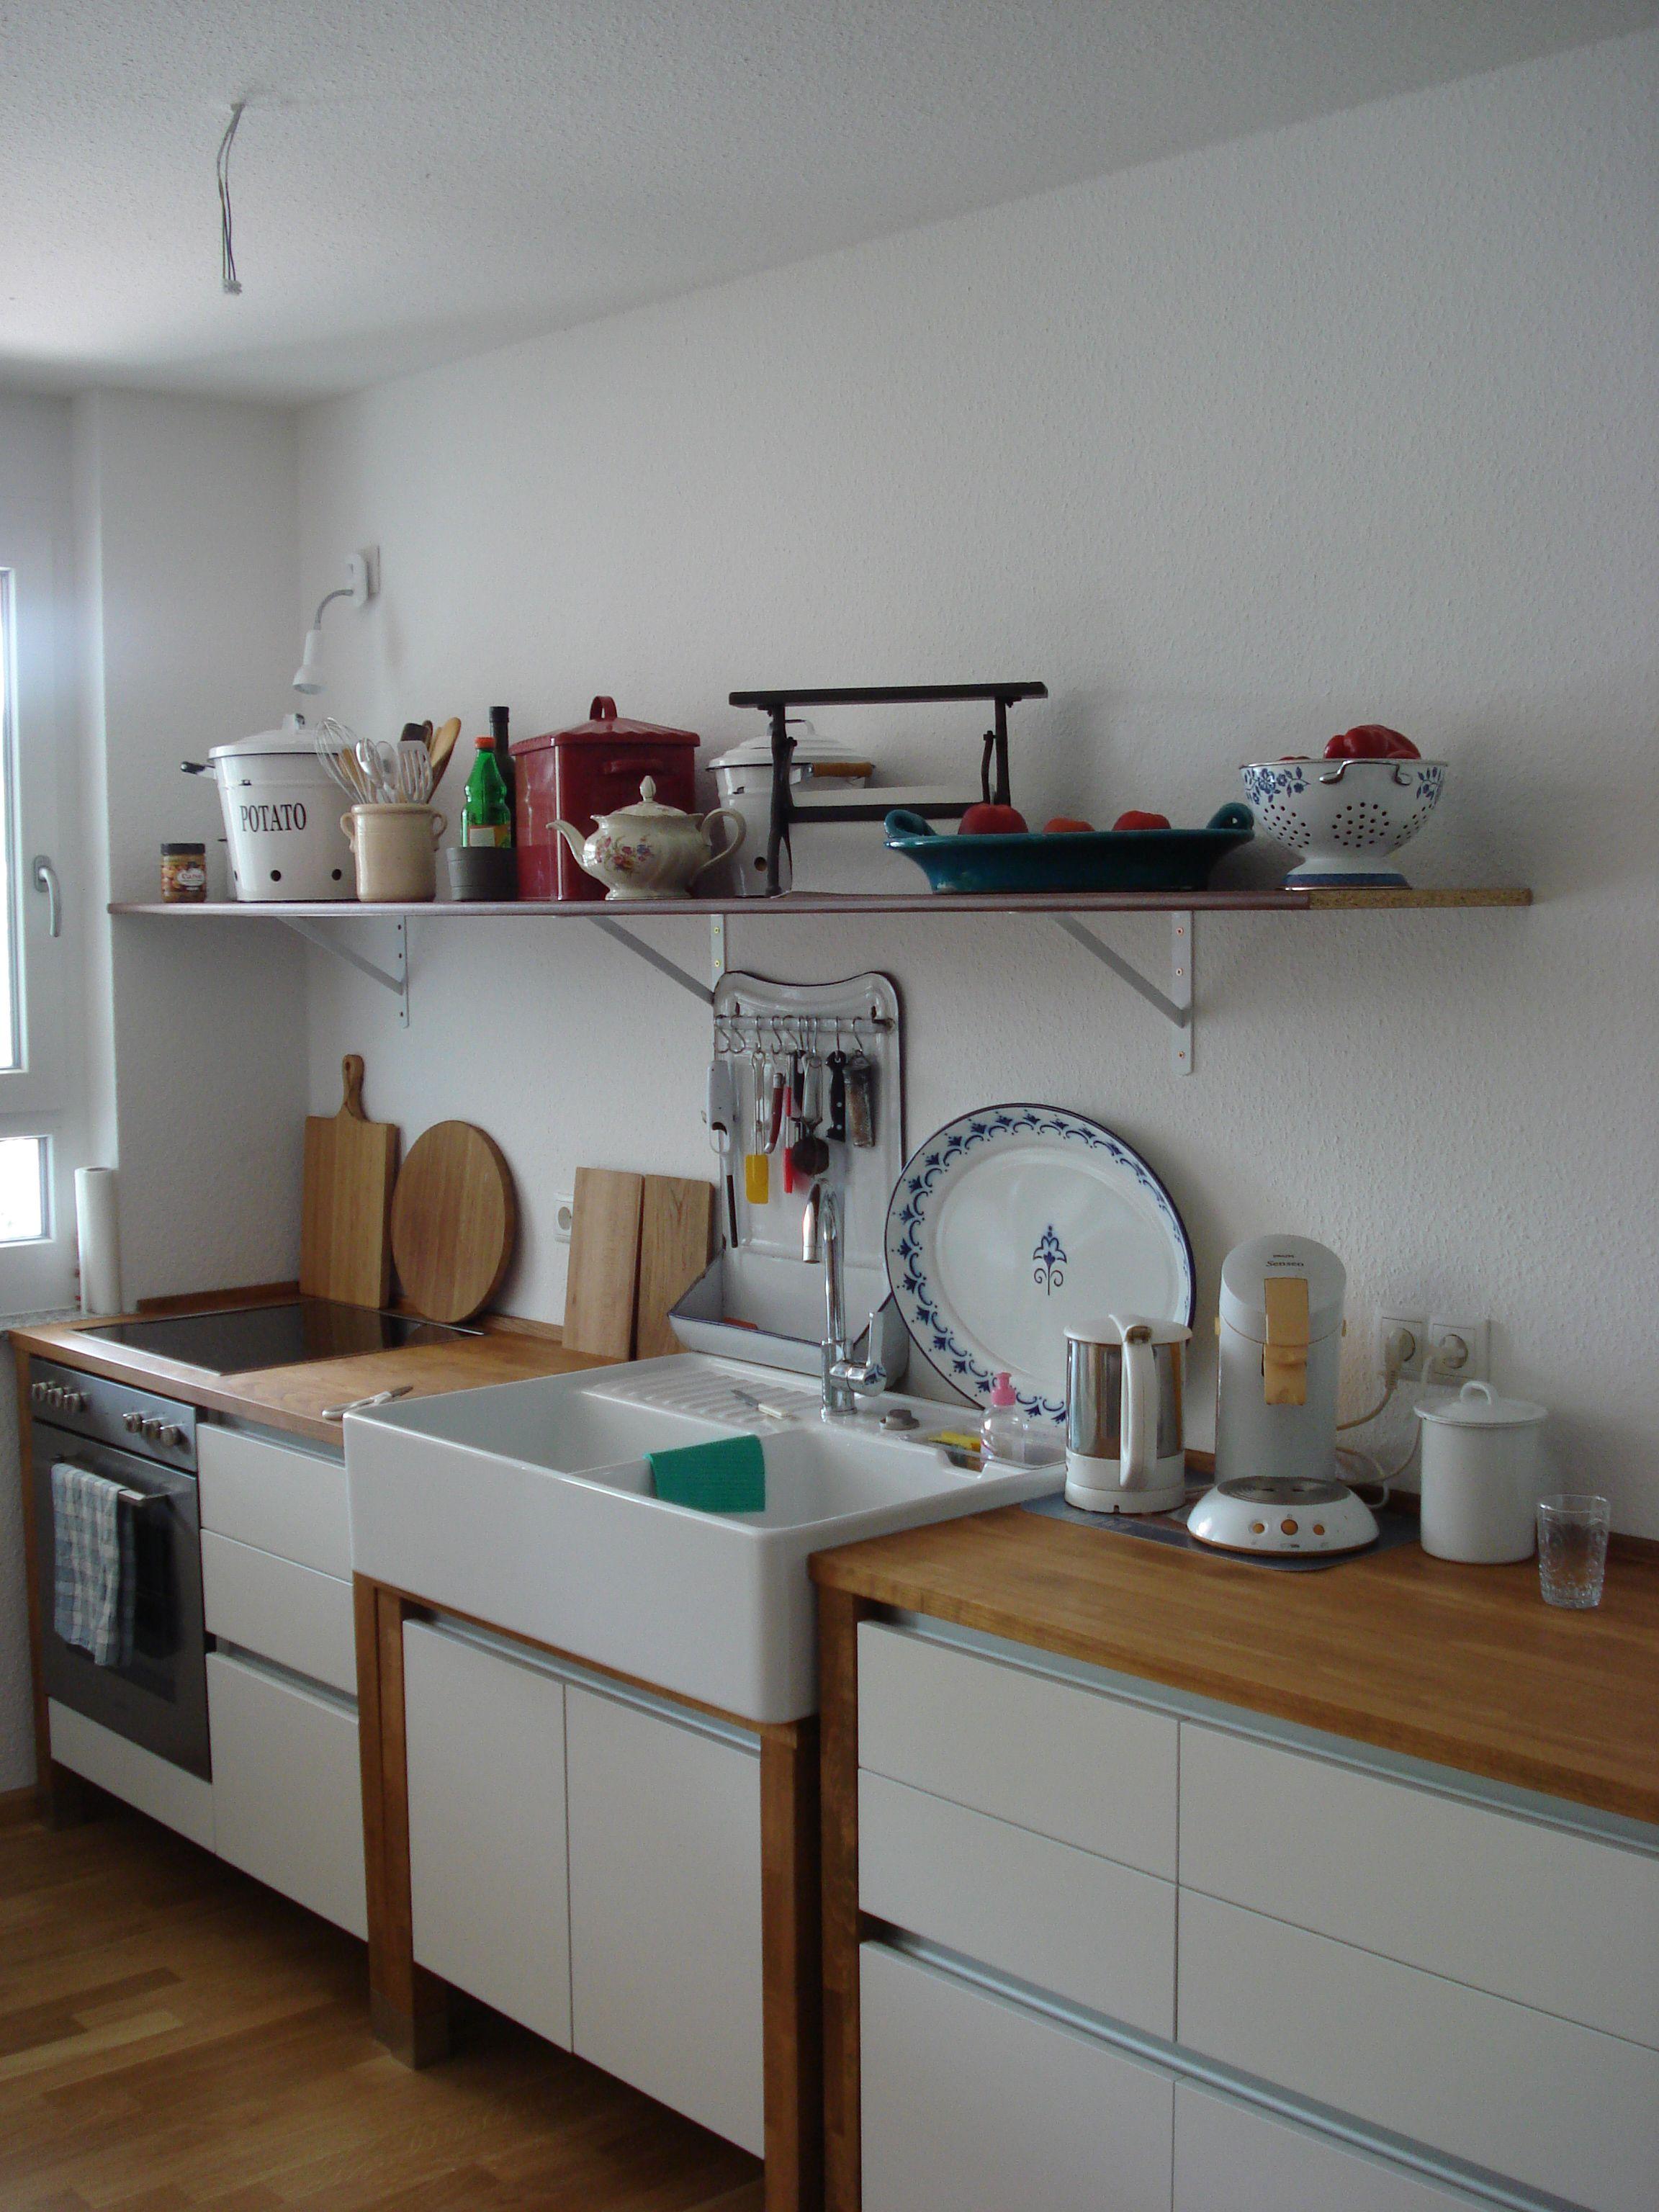 Villeroy & Boch Spülstein 90 | Küchenmodule Landhausküche Lackiert ...